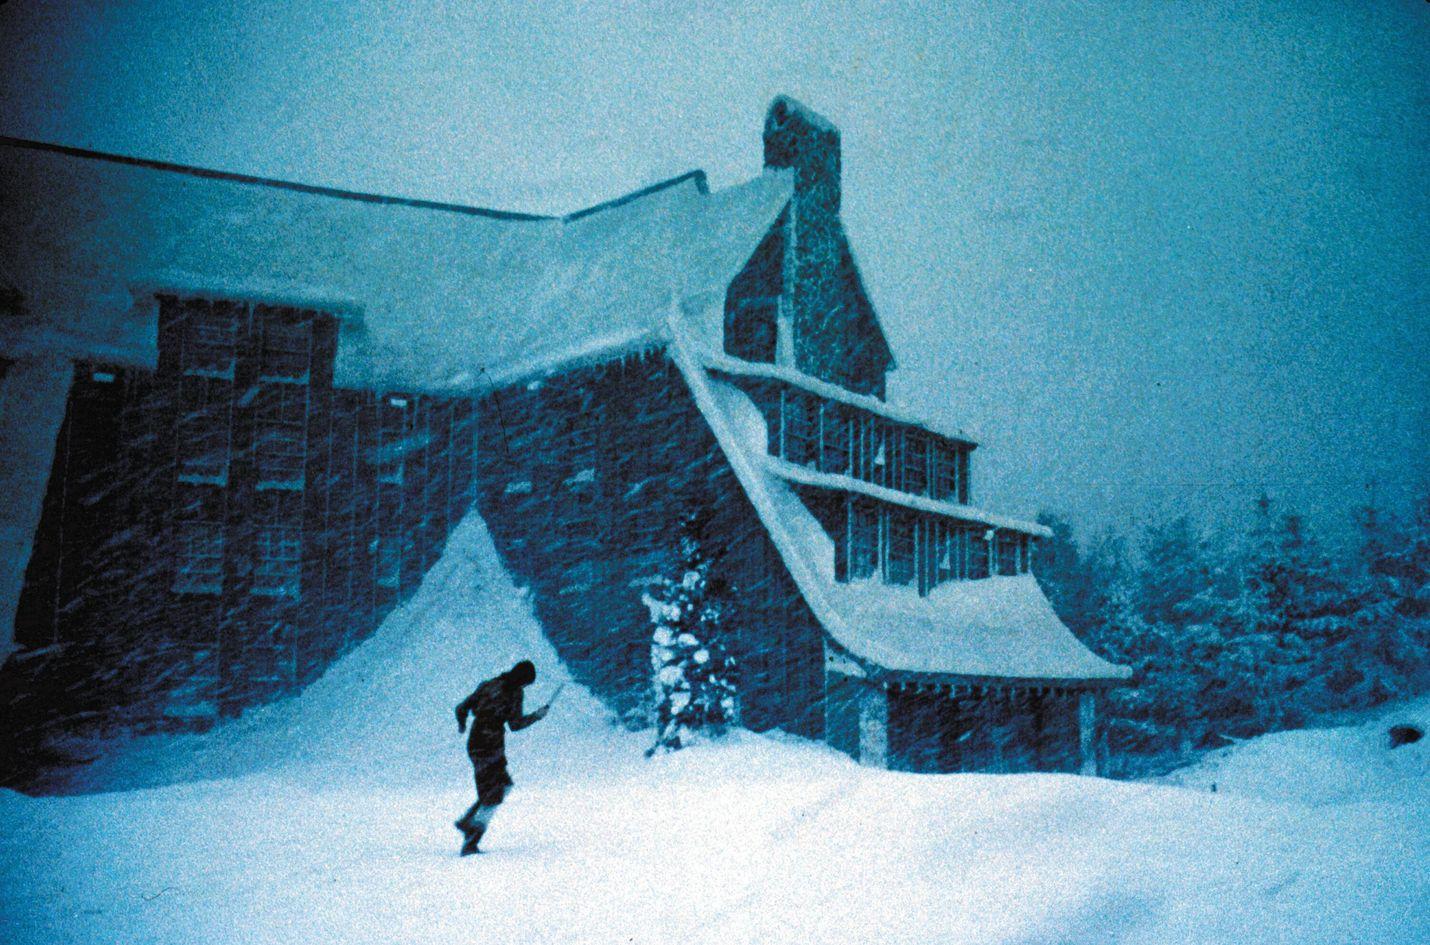 Stanley Kubrickin Hohto-elokuvassa korpihotelliin vetäytyneen kirjailijan perhe kokee kauhun hetkiä syrjäisessä korpihotellissa. Kuvassa perheenäitiä esittävä Shelley Duvall.